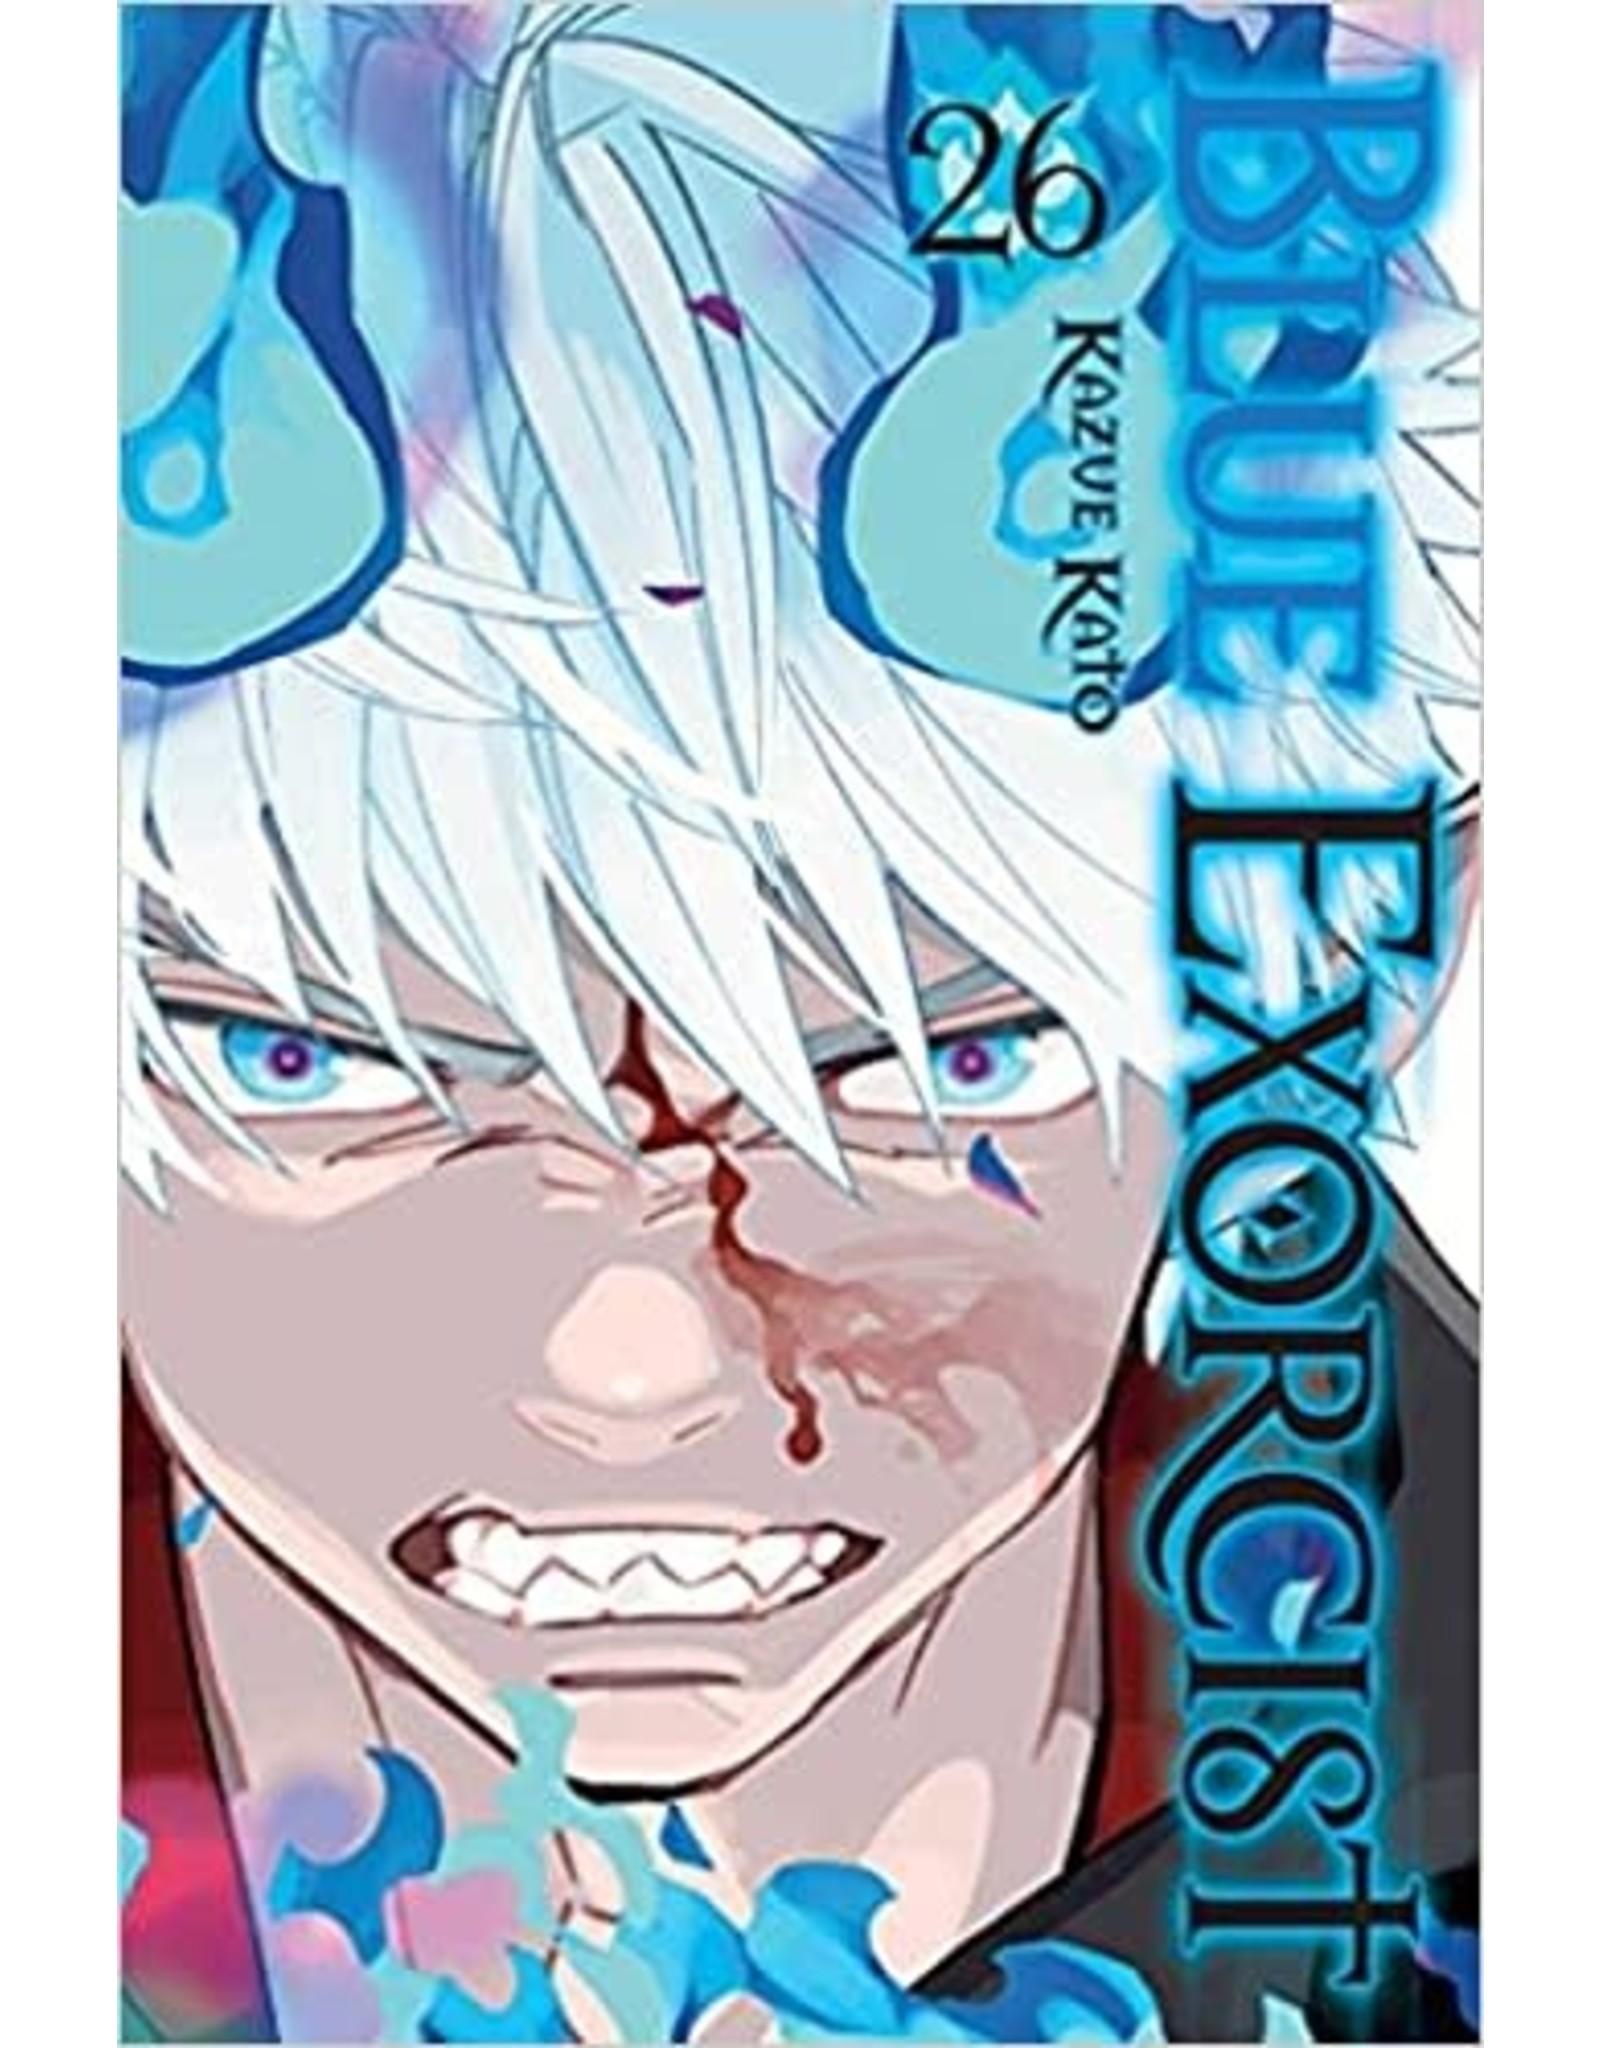 Blue Exorcist 26 (Engelstalig) - Manga